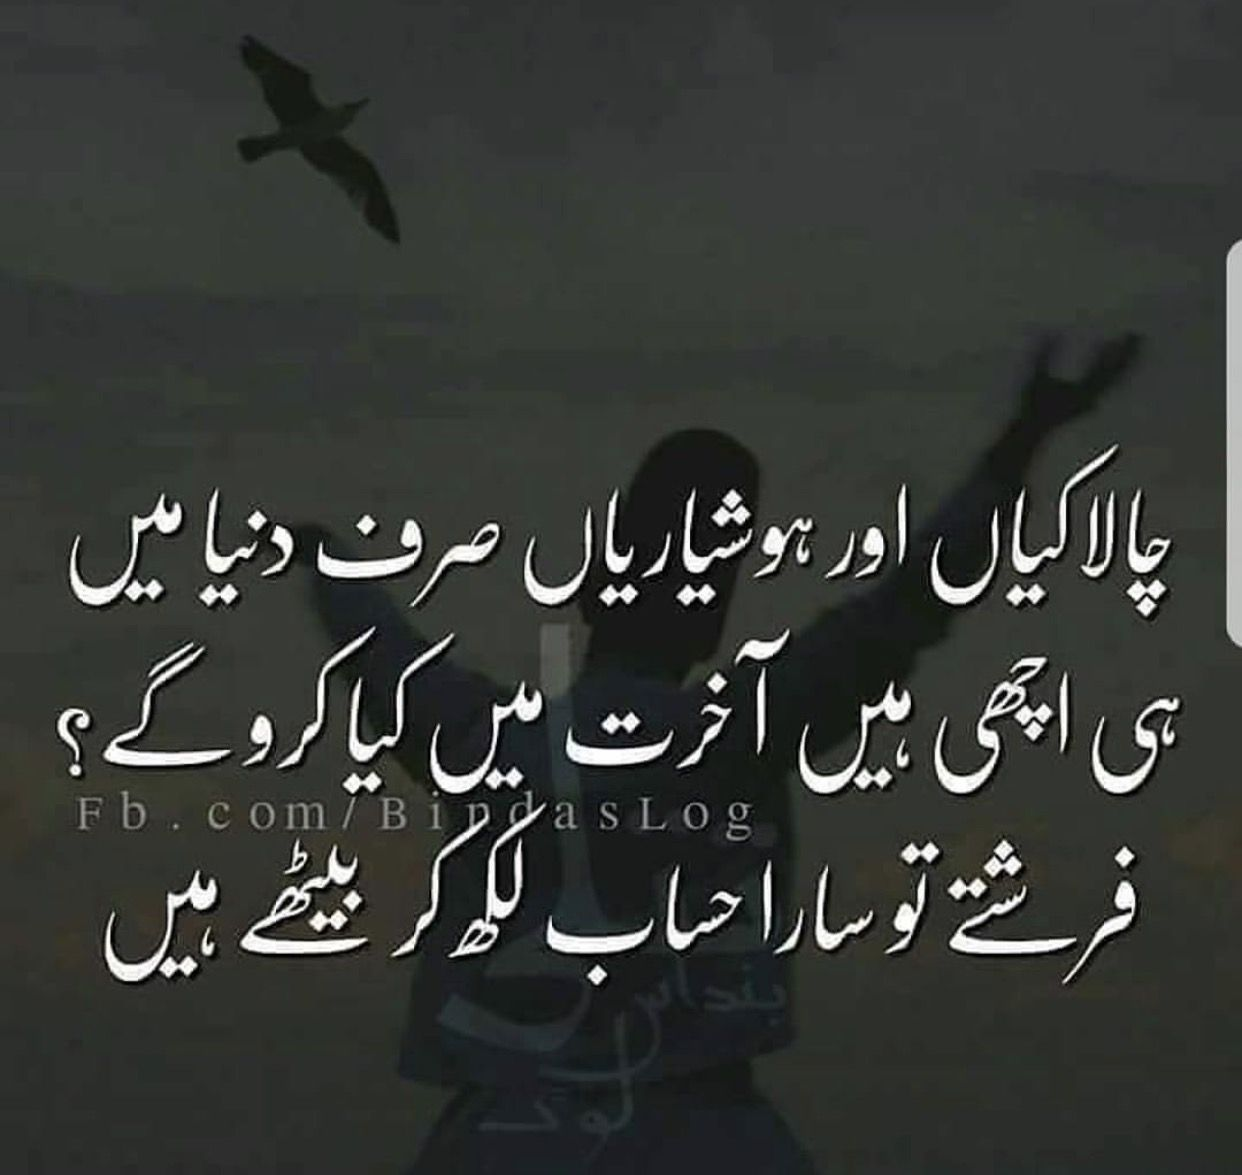 Quotes In Urdu: Urdu Quotes, Islamic Quotes